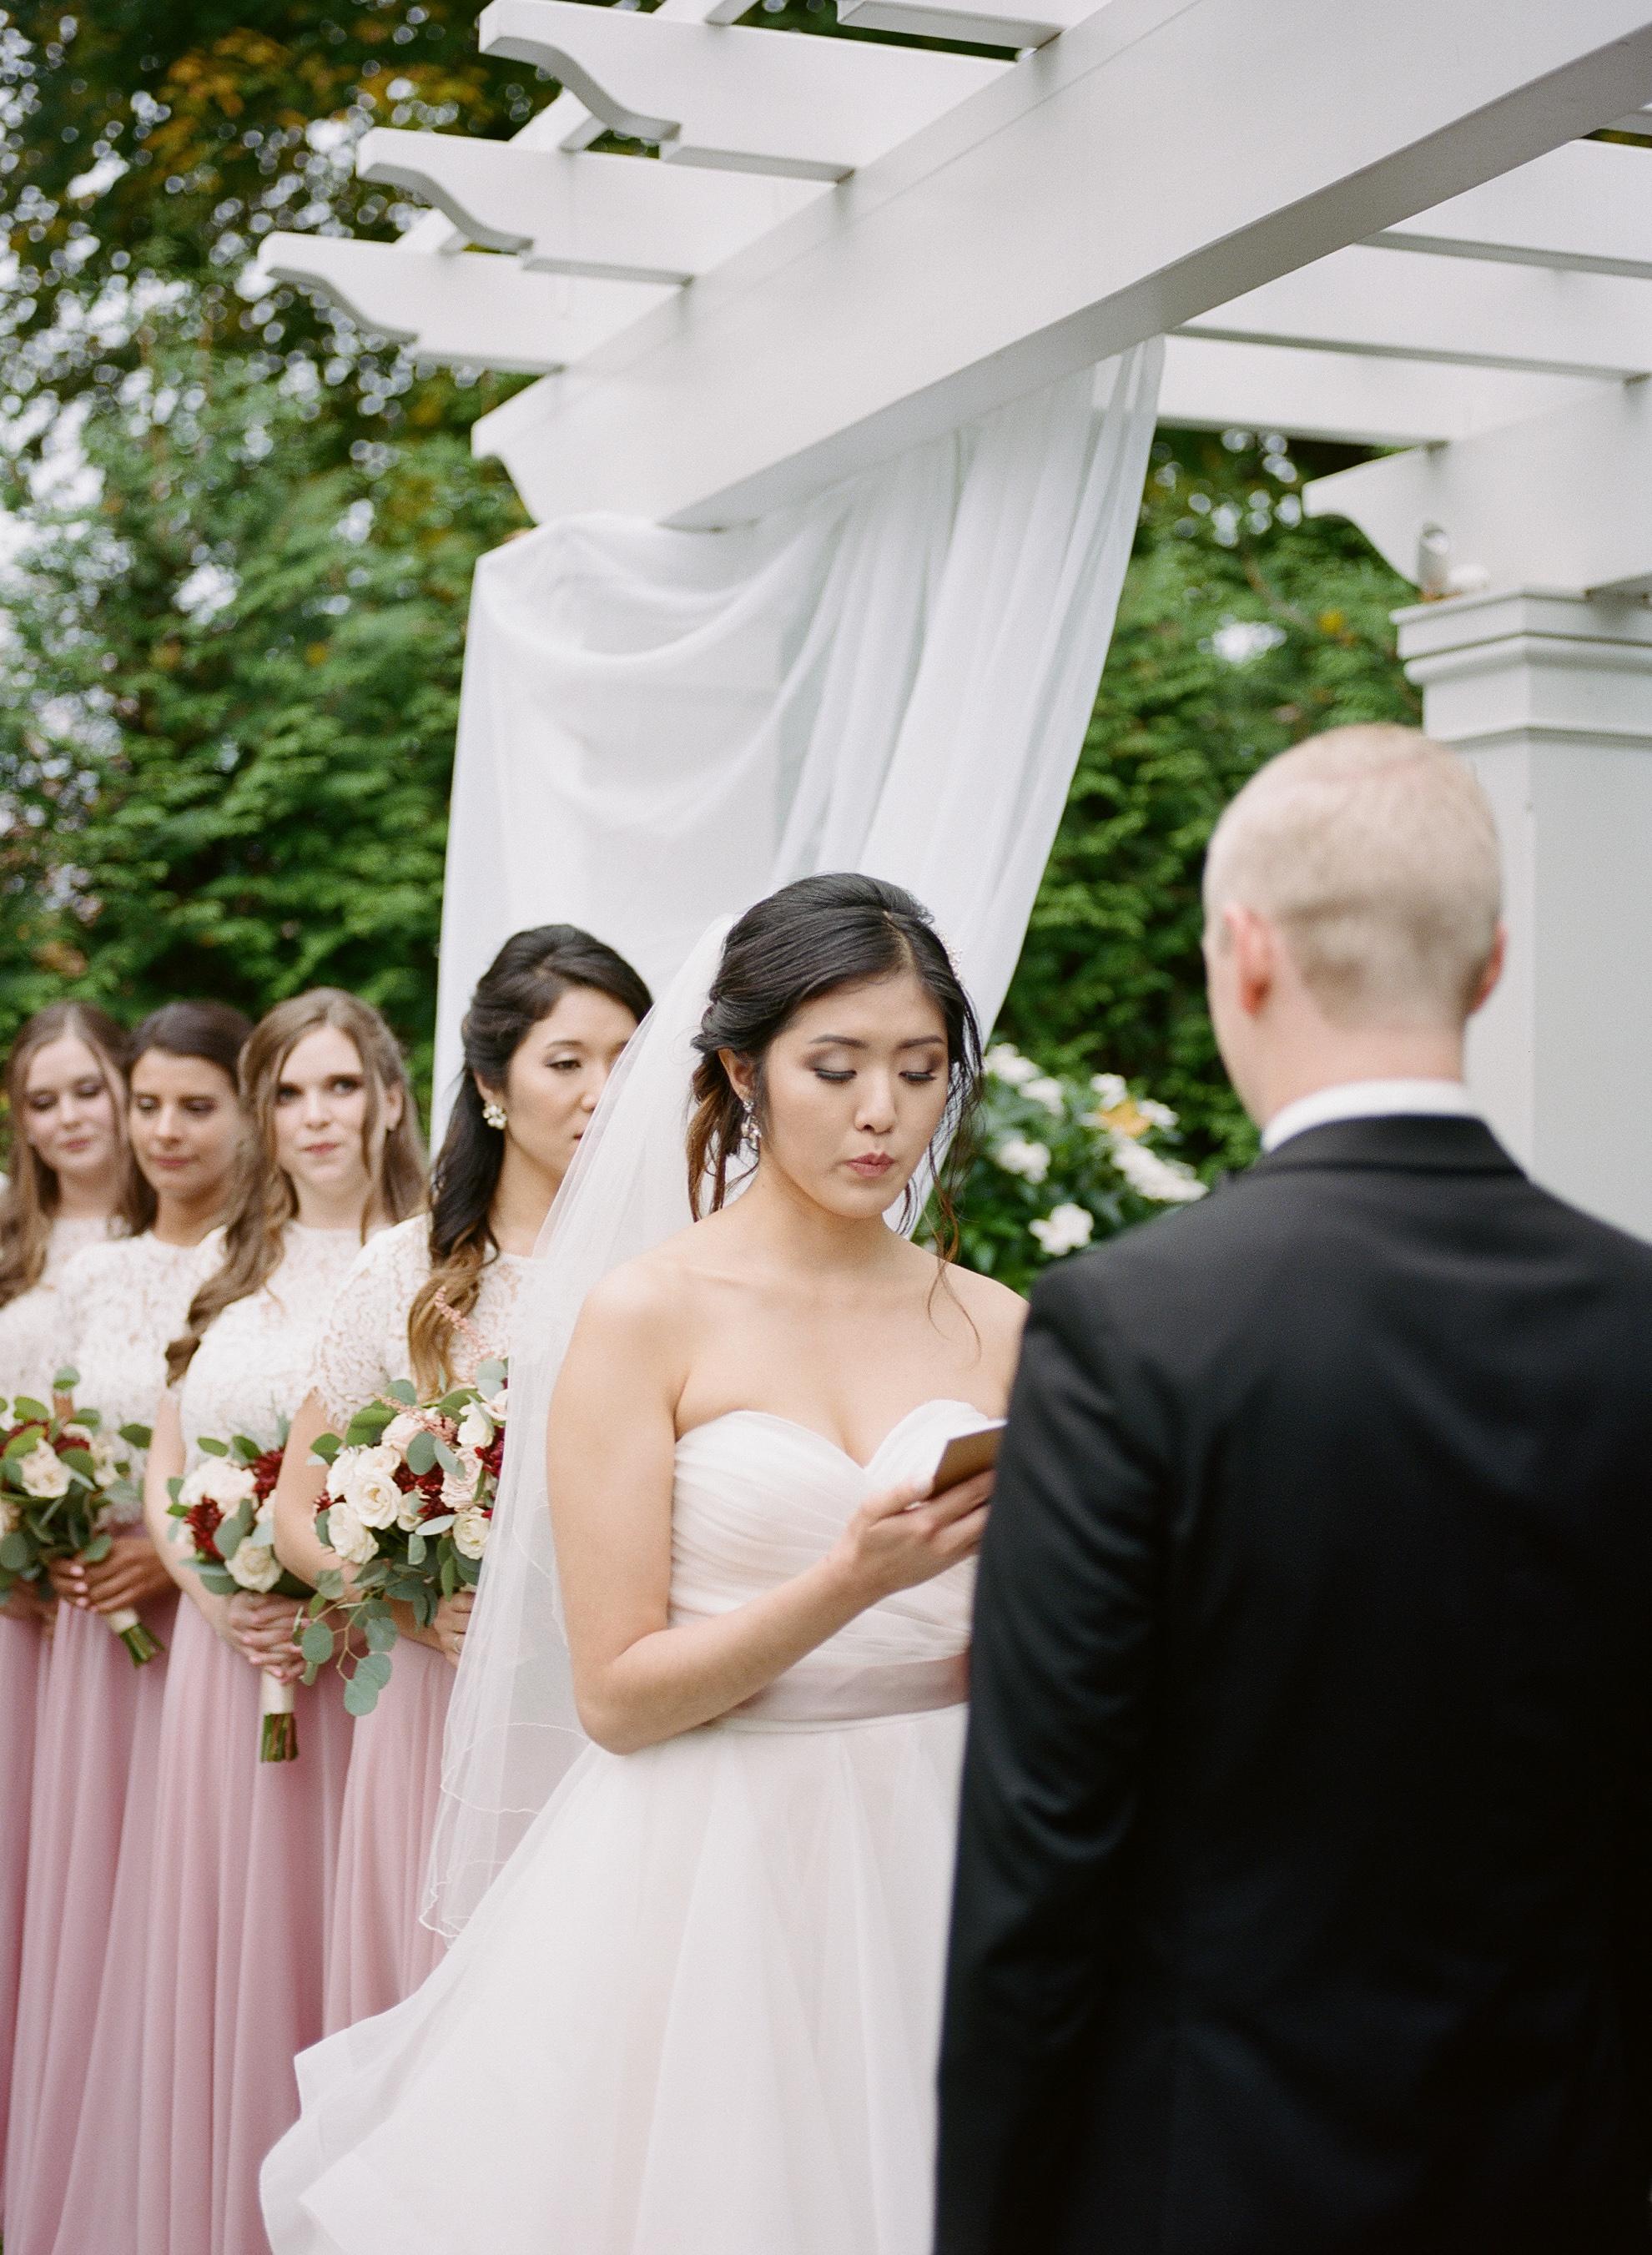 Lounsbury House Wedding - Christina and Michael-78.jpg